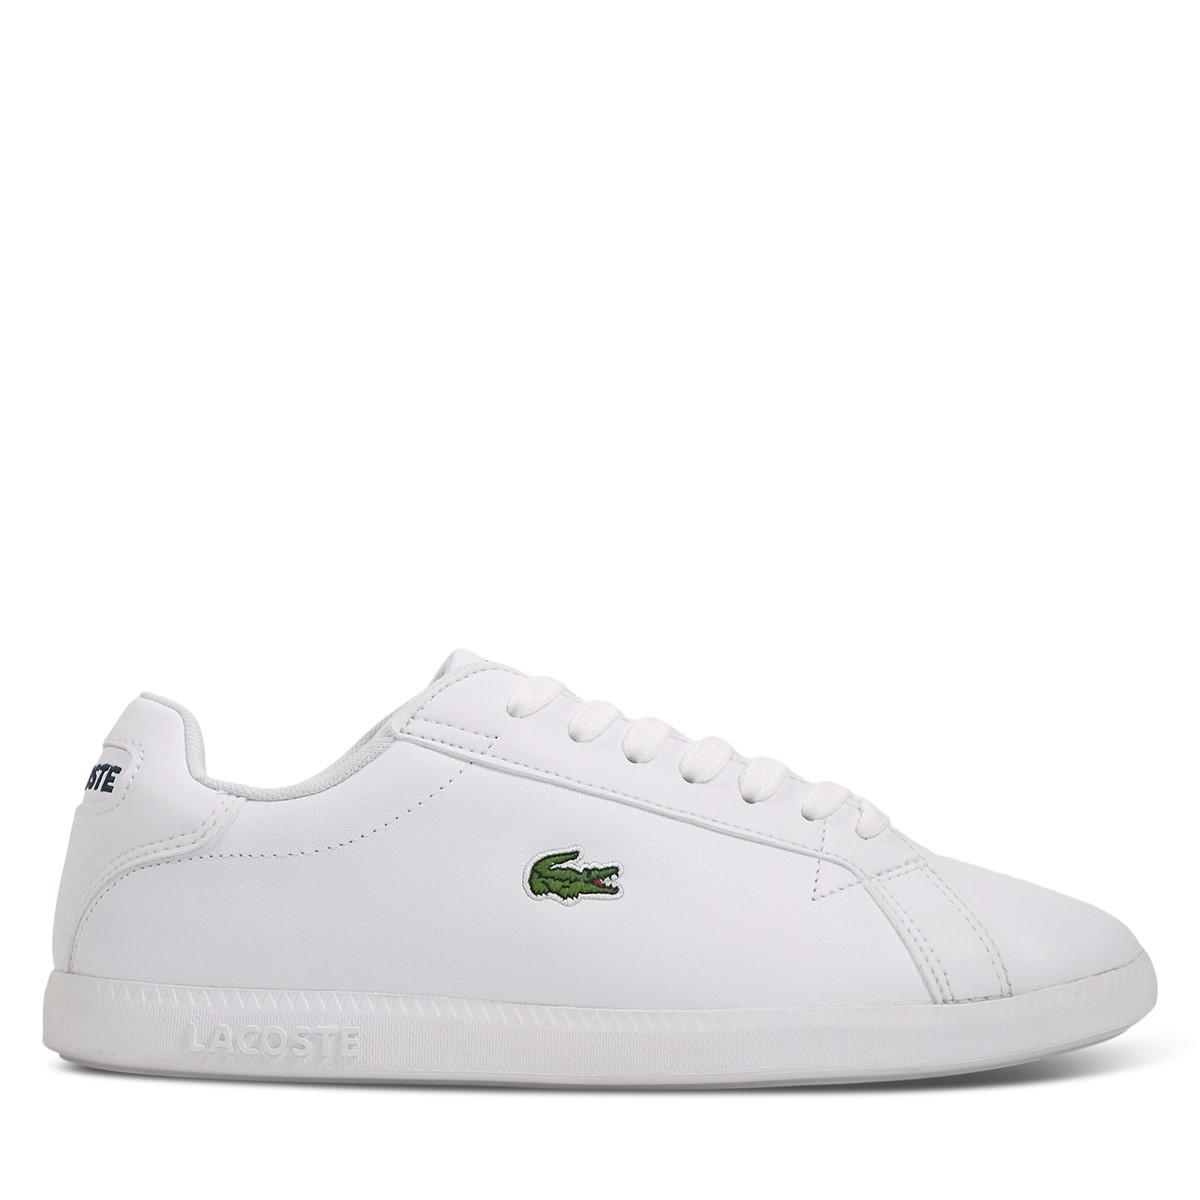 Women's Graduate BL 1 Sneakers in White